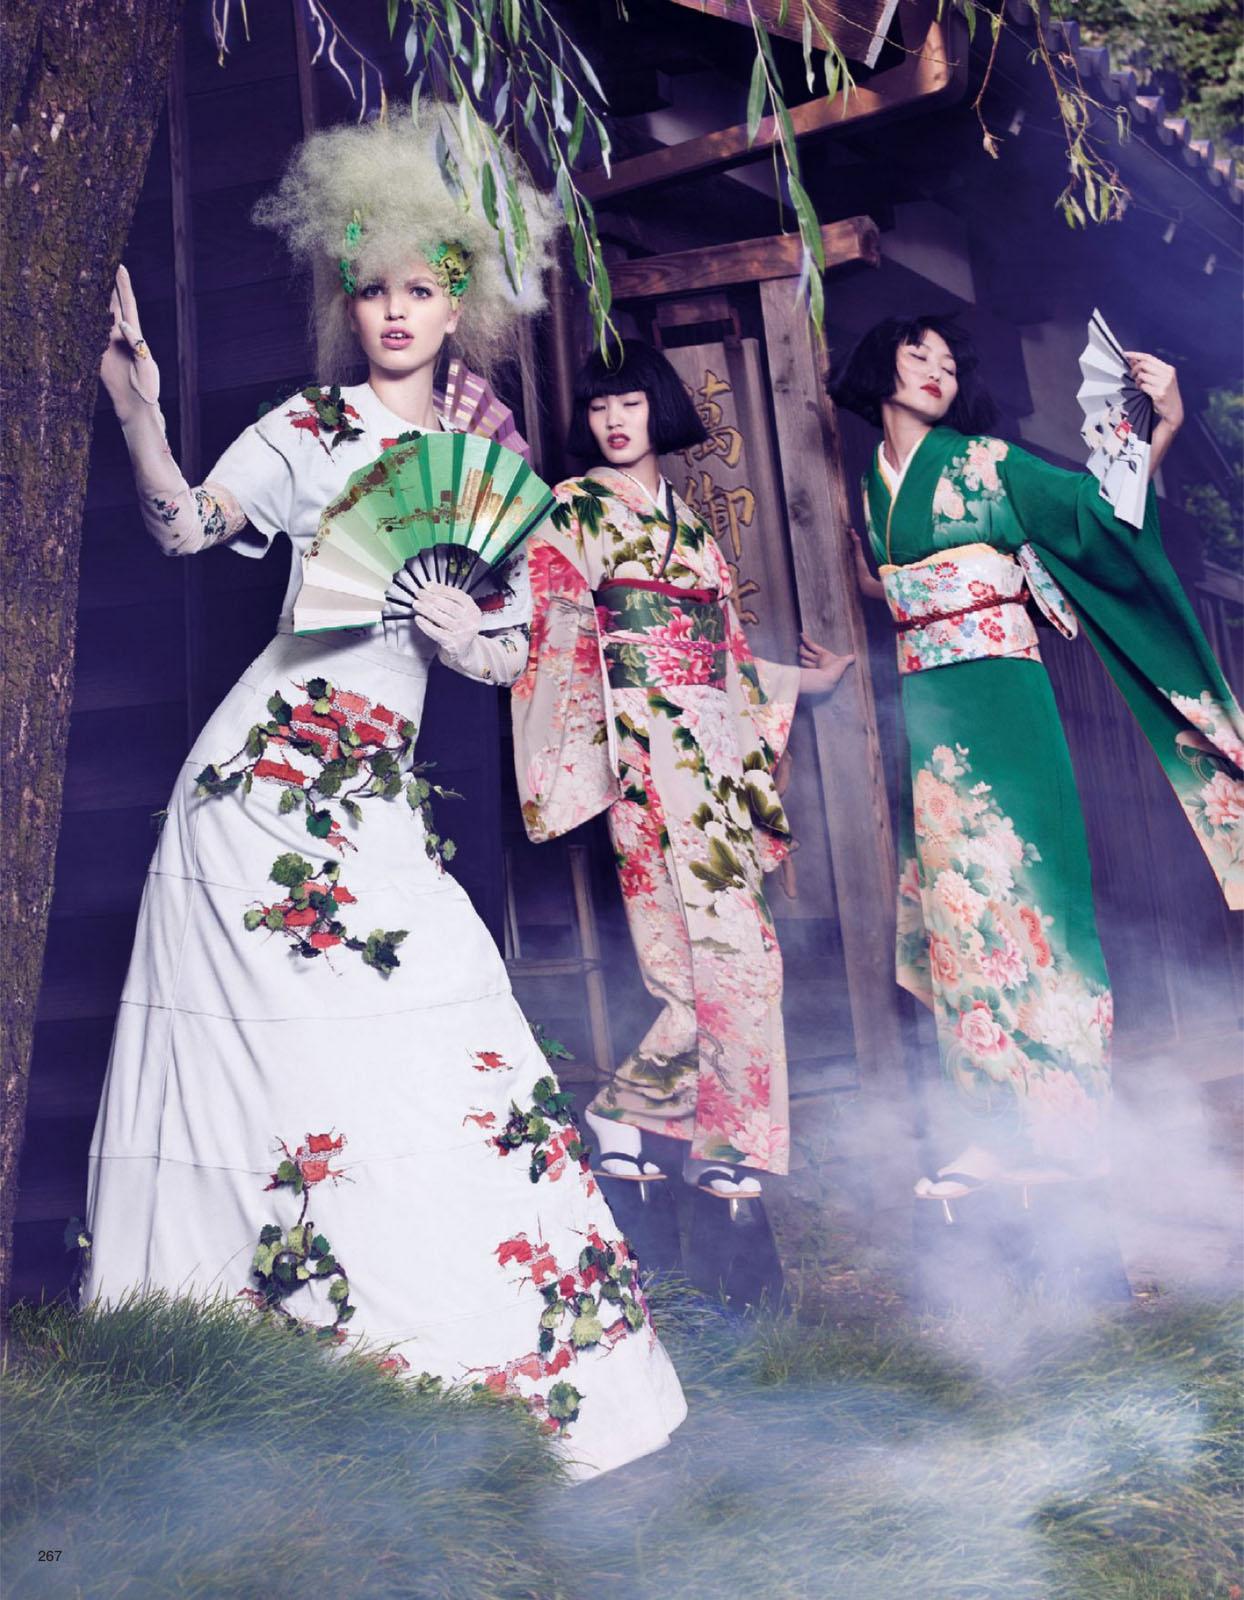 Giovanna-Battaglia-4-The-Secret-Chatter-of-Golden-Monkeys-Vogue-Japan-Mark-Segal.jpg